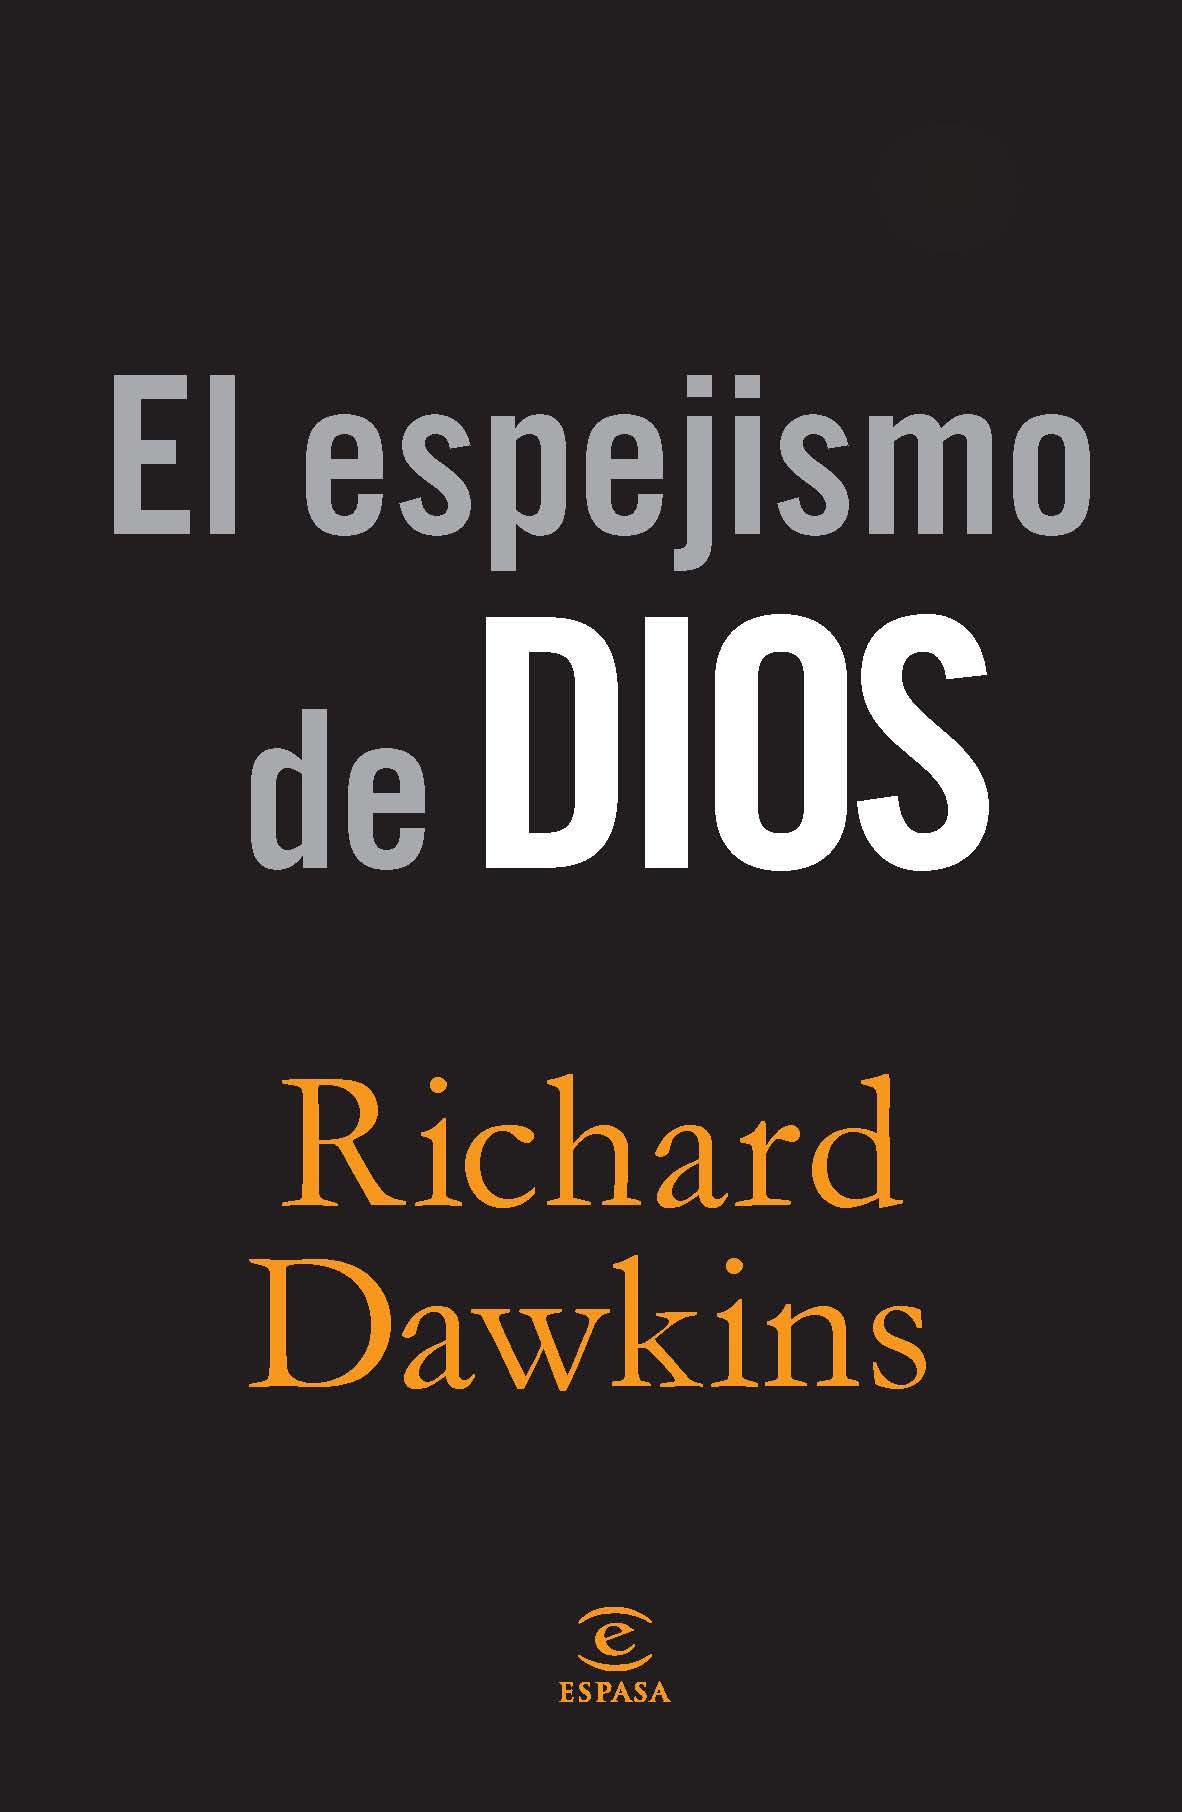 El espejismo de Dios, Richard Dawkins, Casi literal